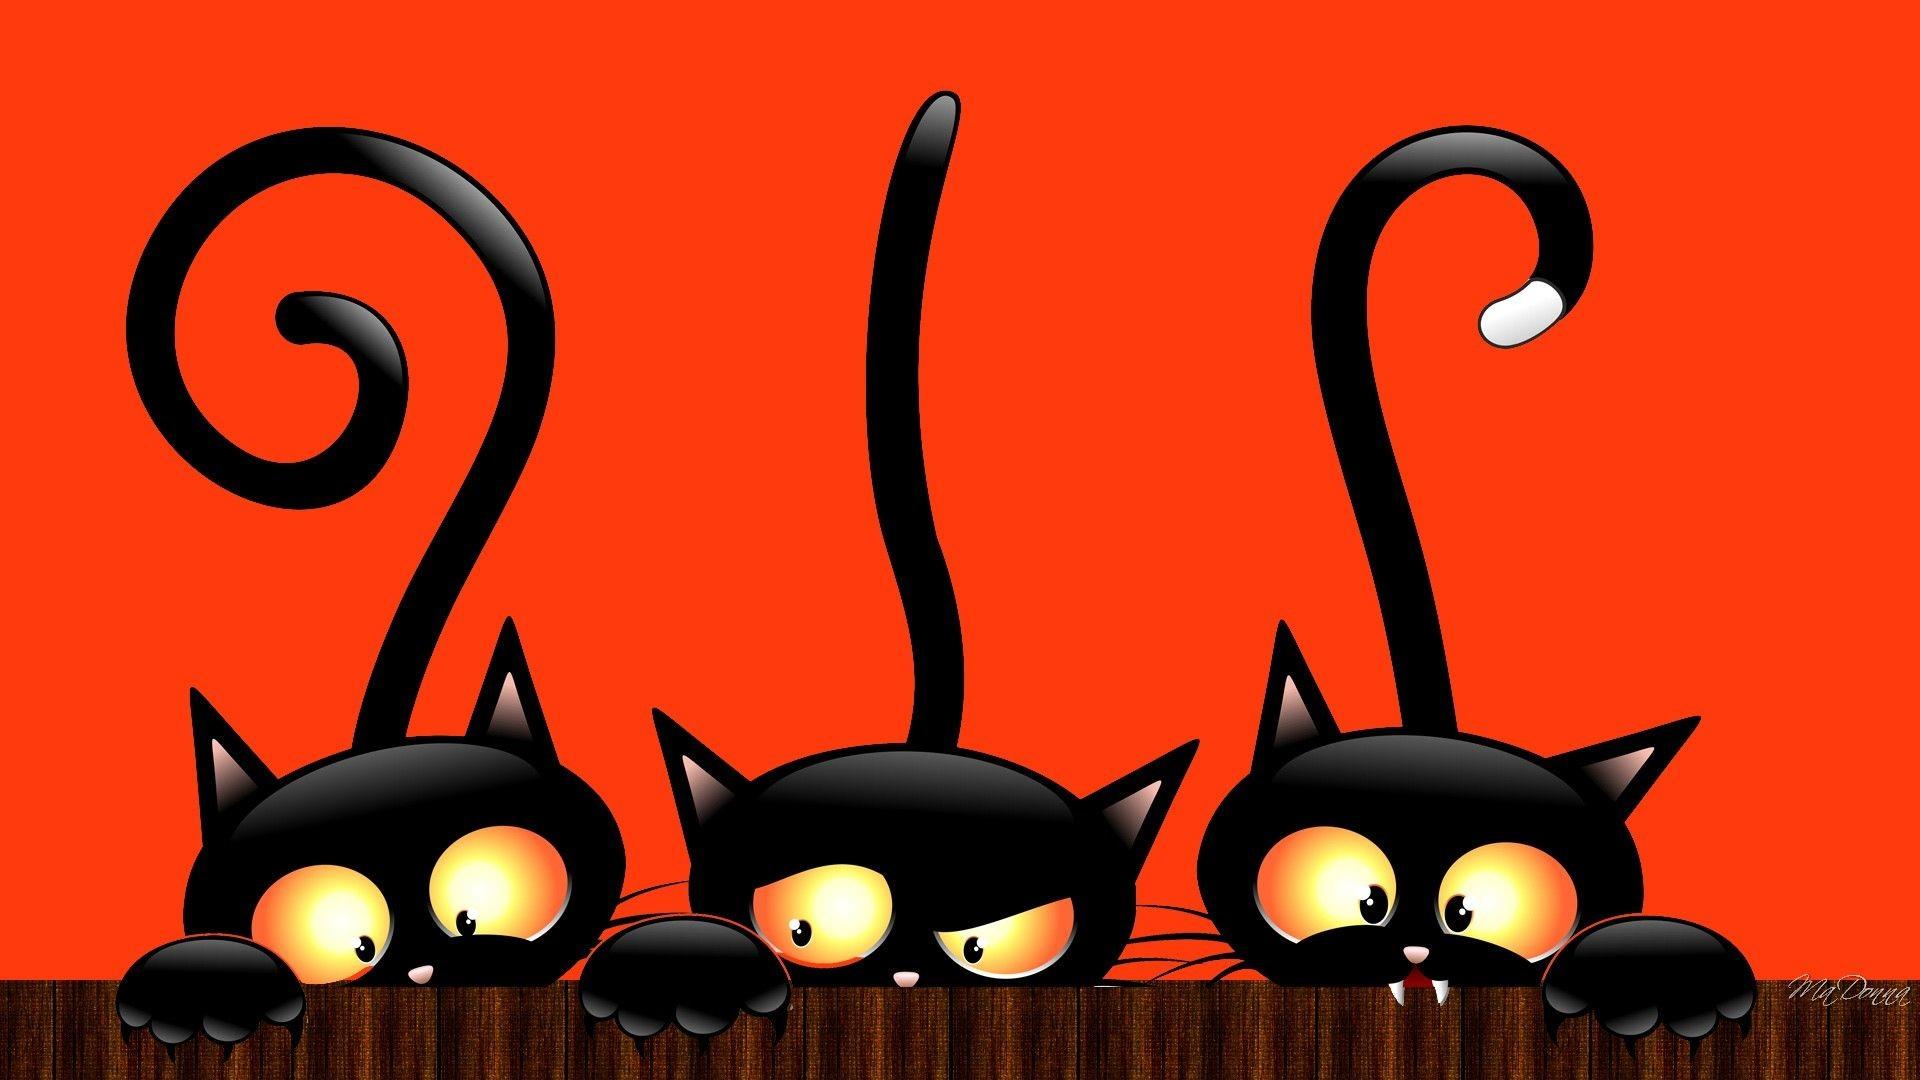 Hình nền những chú mèo đen đáng yêu